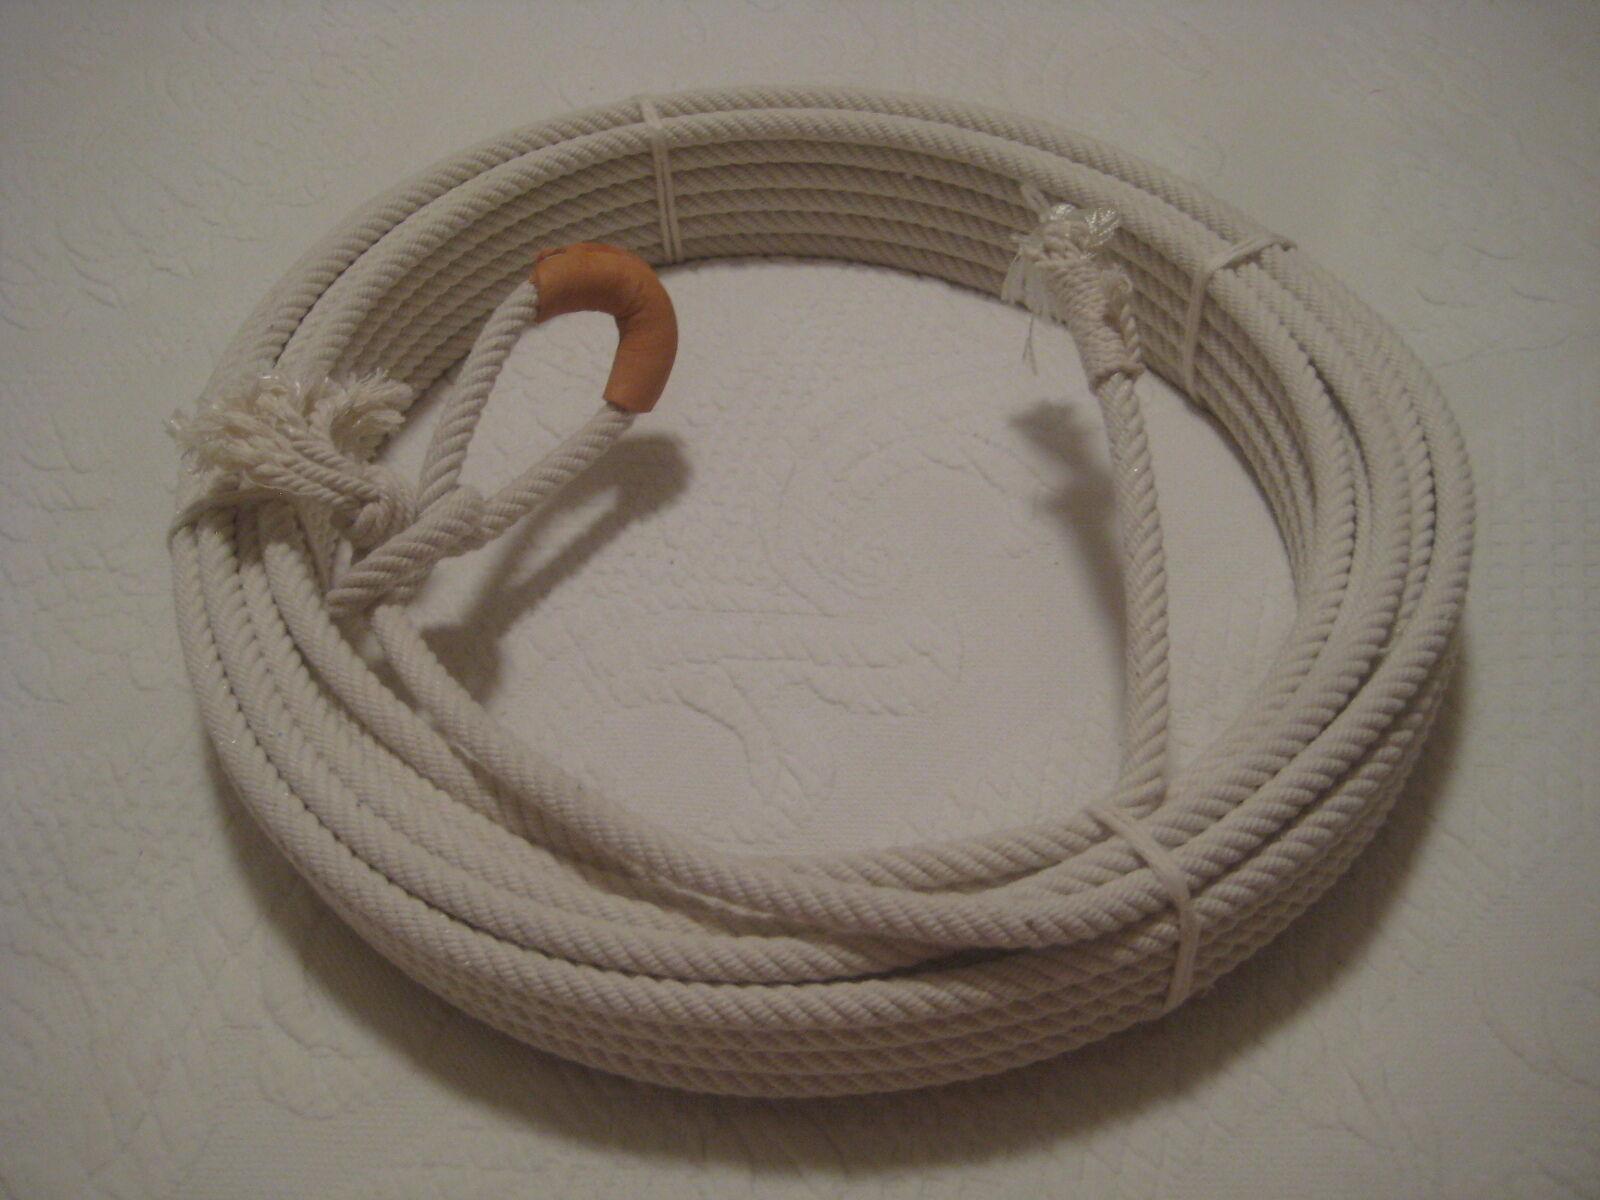 Cuerda de Algodón Lariat Reata Soga-CR-07 63 pies 5 16  De Diámetro, Con Quemador De Cuero